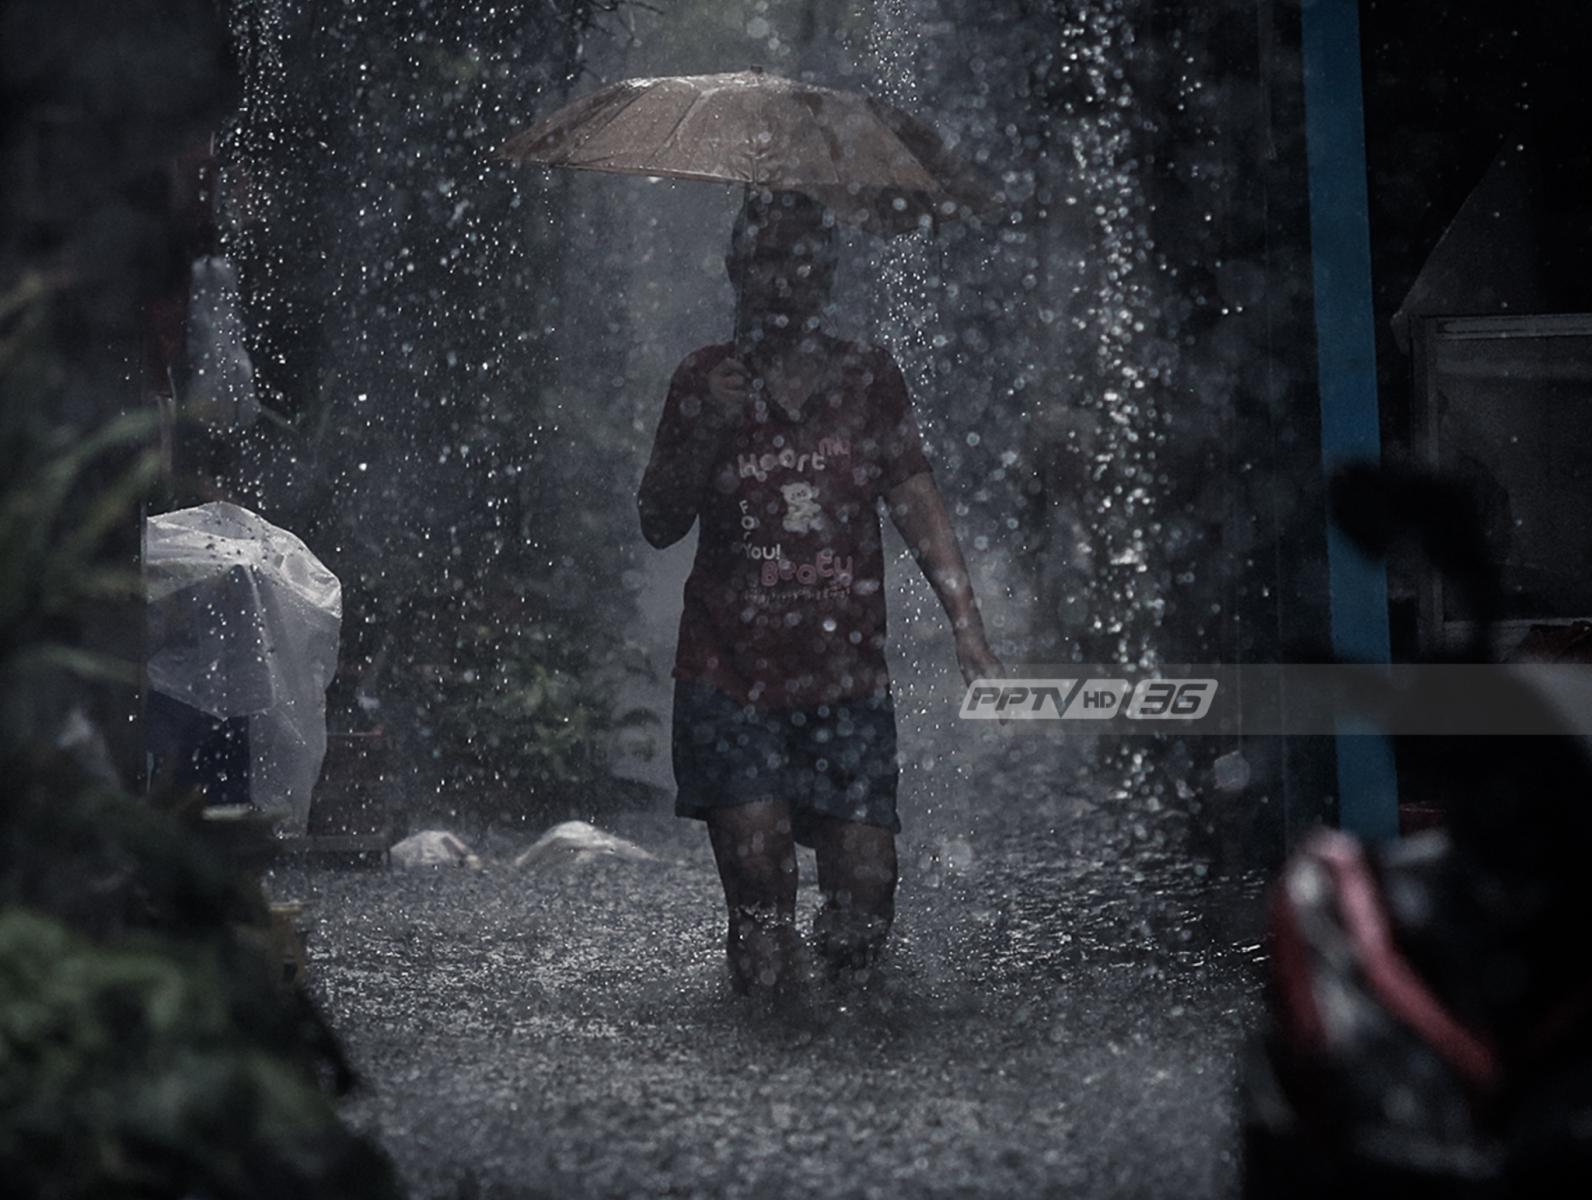 """อุตุฯ เผย พายุโซนร้อน """"เอวิเนียร์"""" ไม่กระทบไทย"""